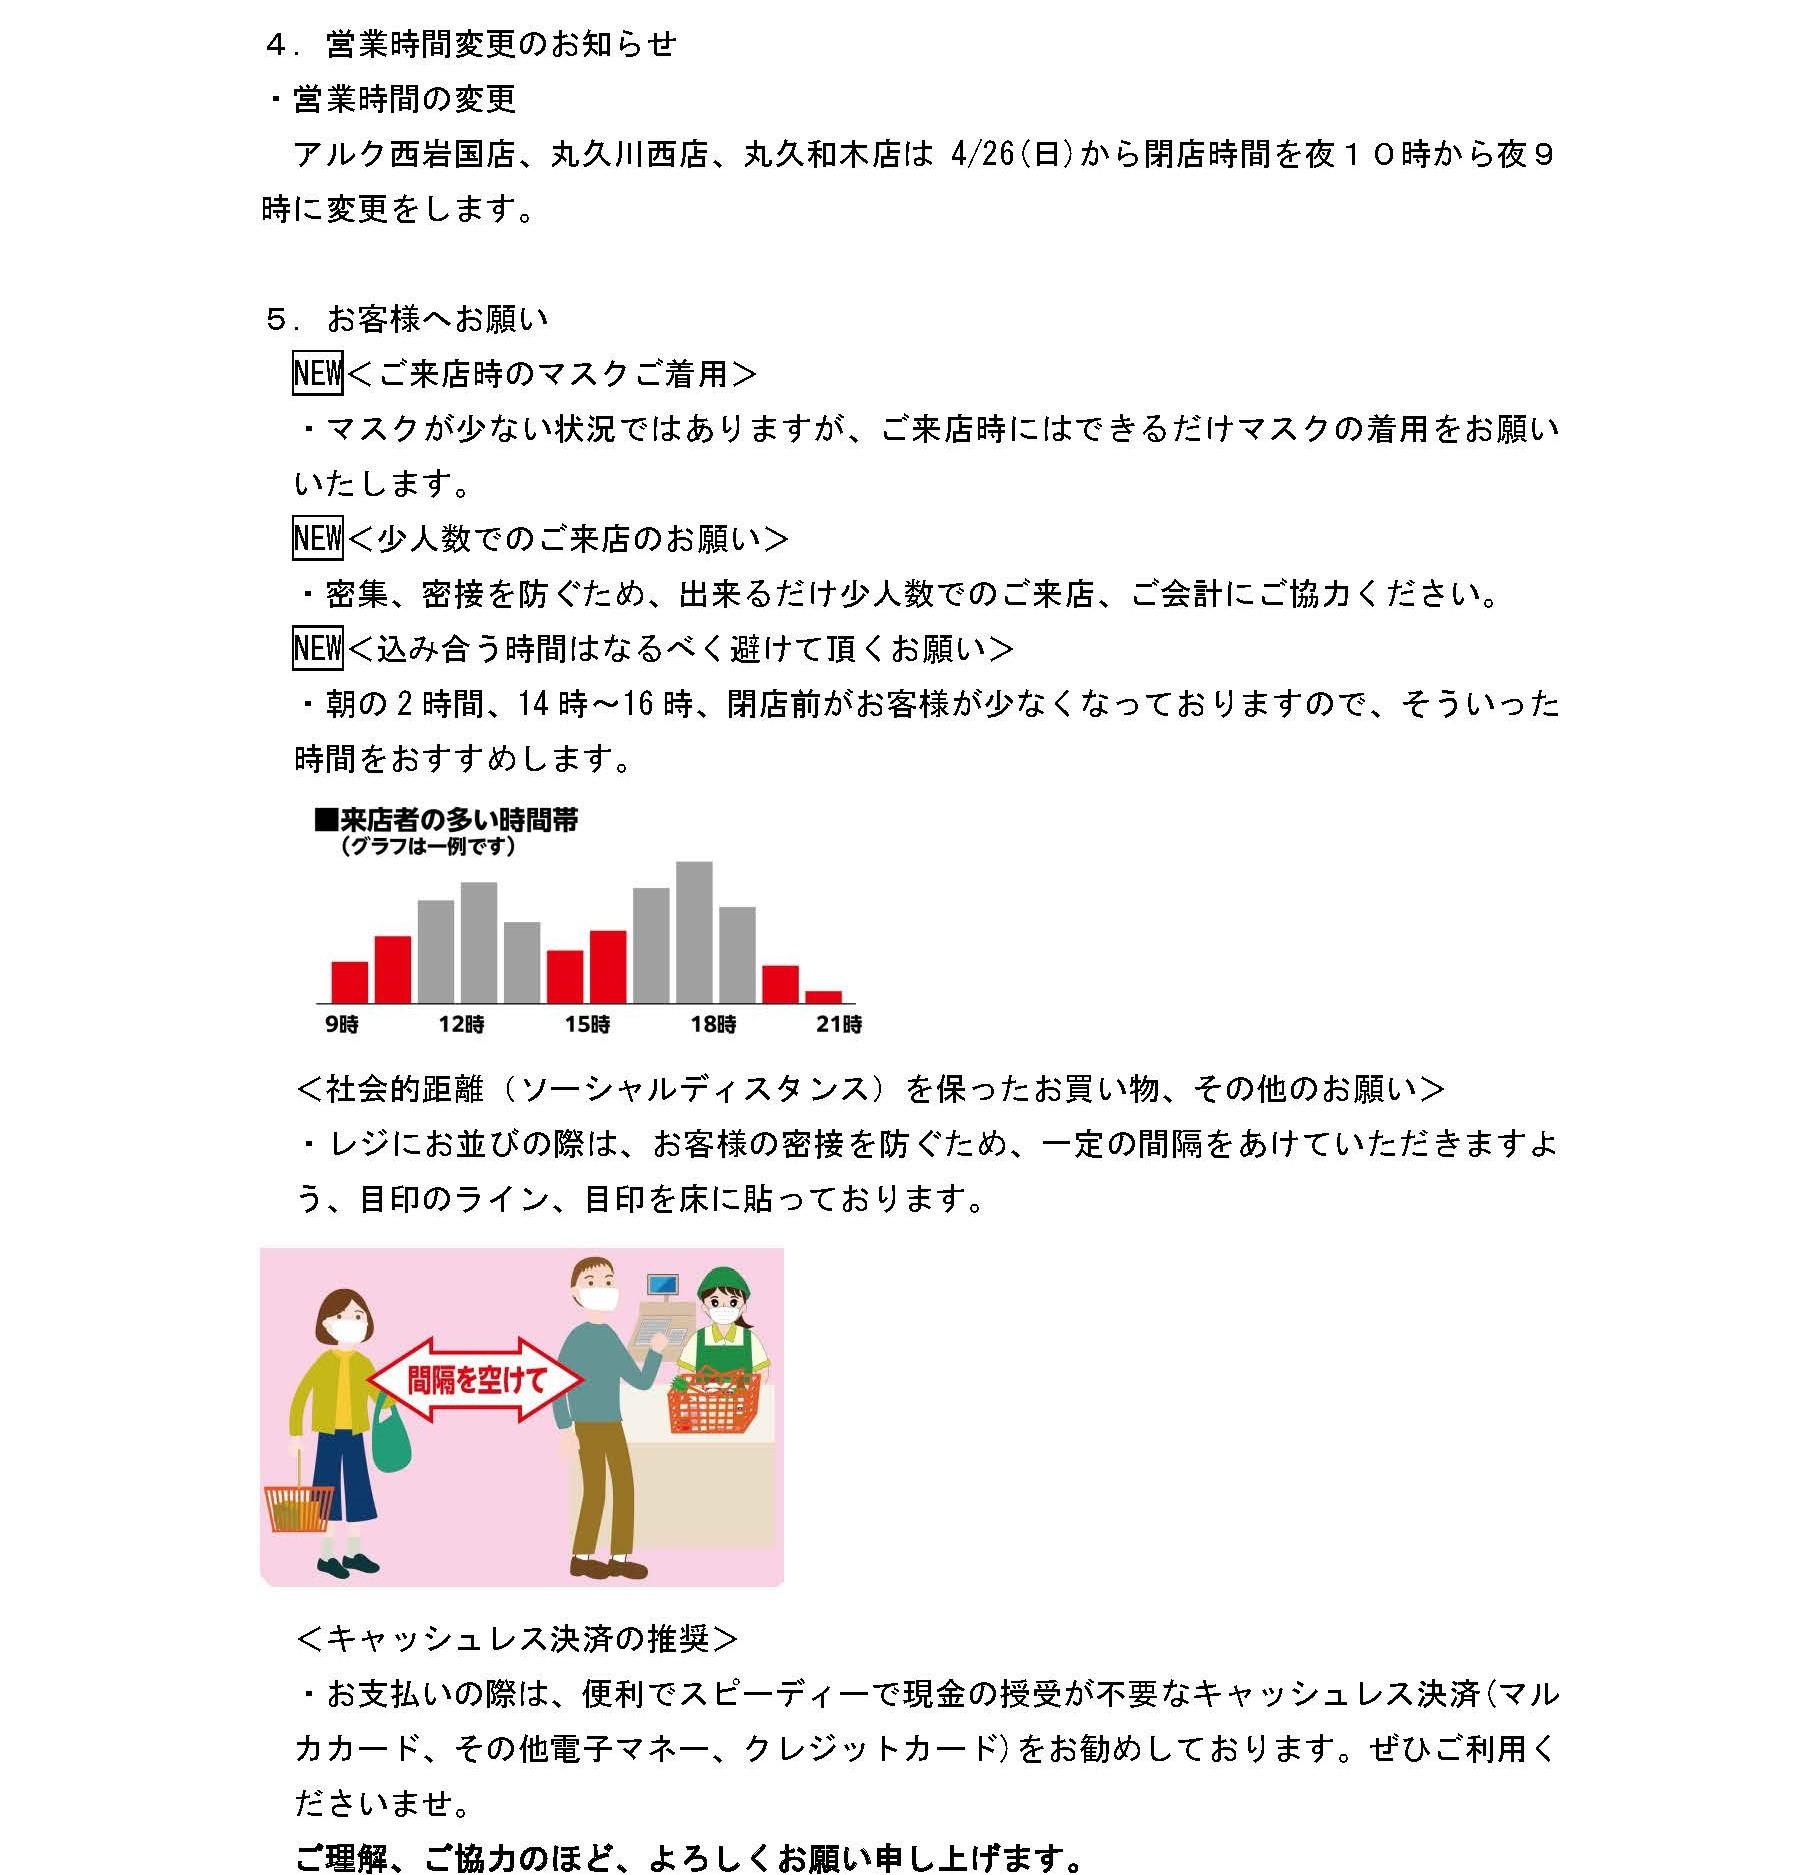 新型コロナウイルス感染拡大防止に向けた取り組みについて_ホームページ掲載0424更新_ページ_2